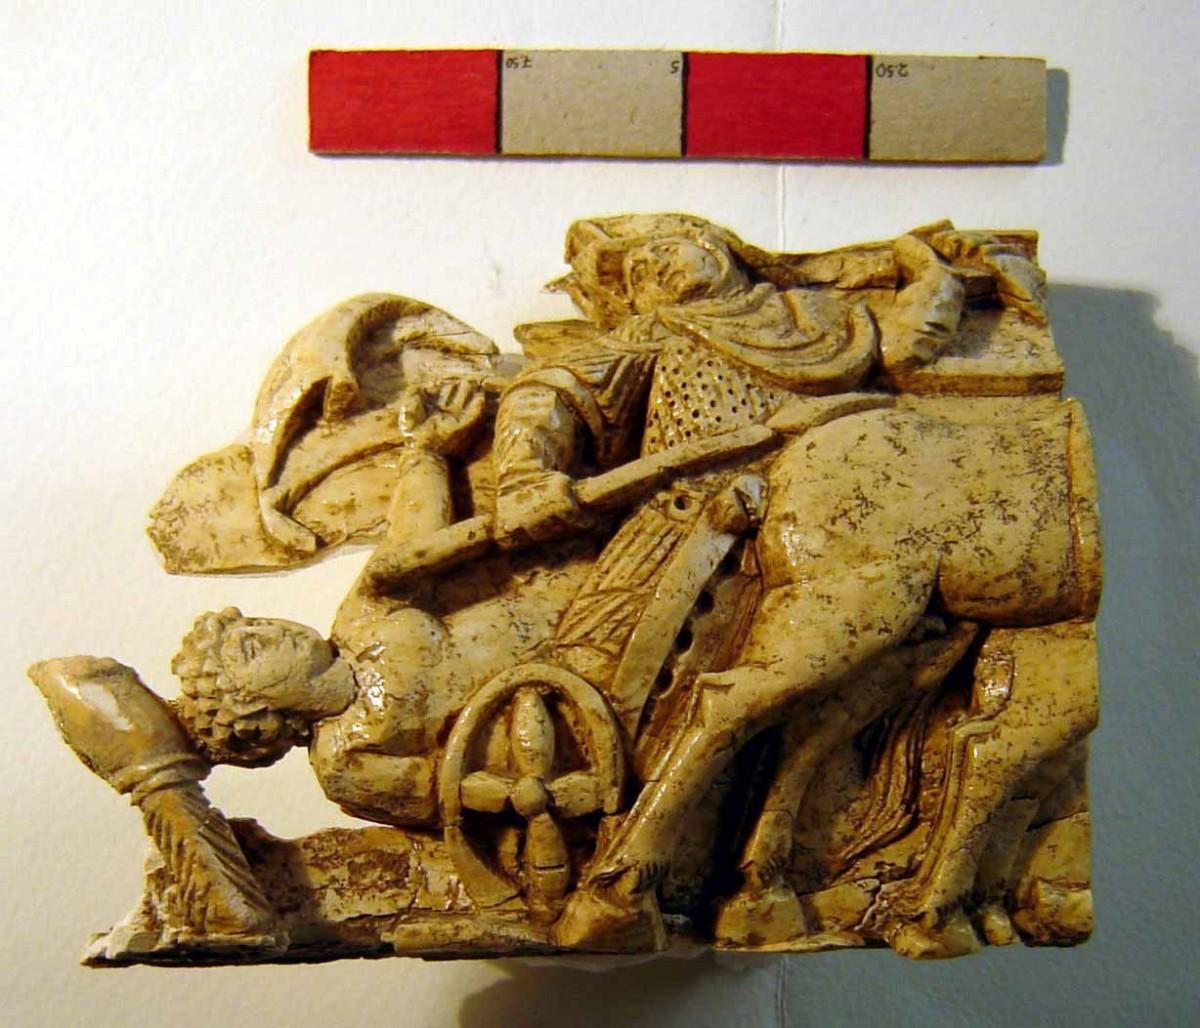 Πλακίδιο από ελεφαντόδοντο του 4ου αι. μ.Χ. Βρέθηκε στην ανασκαφή της  Ελεύθερνας (τομέας I) και εικονίζει τον Αχιλλέα σε άρμα να σέρνει το νεκρό σώμα του Έκτορα.